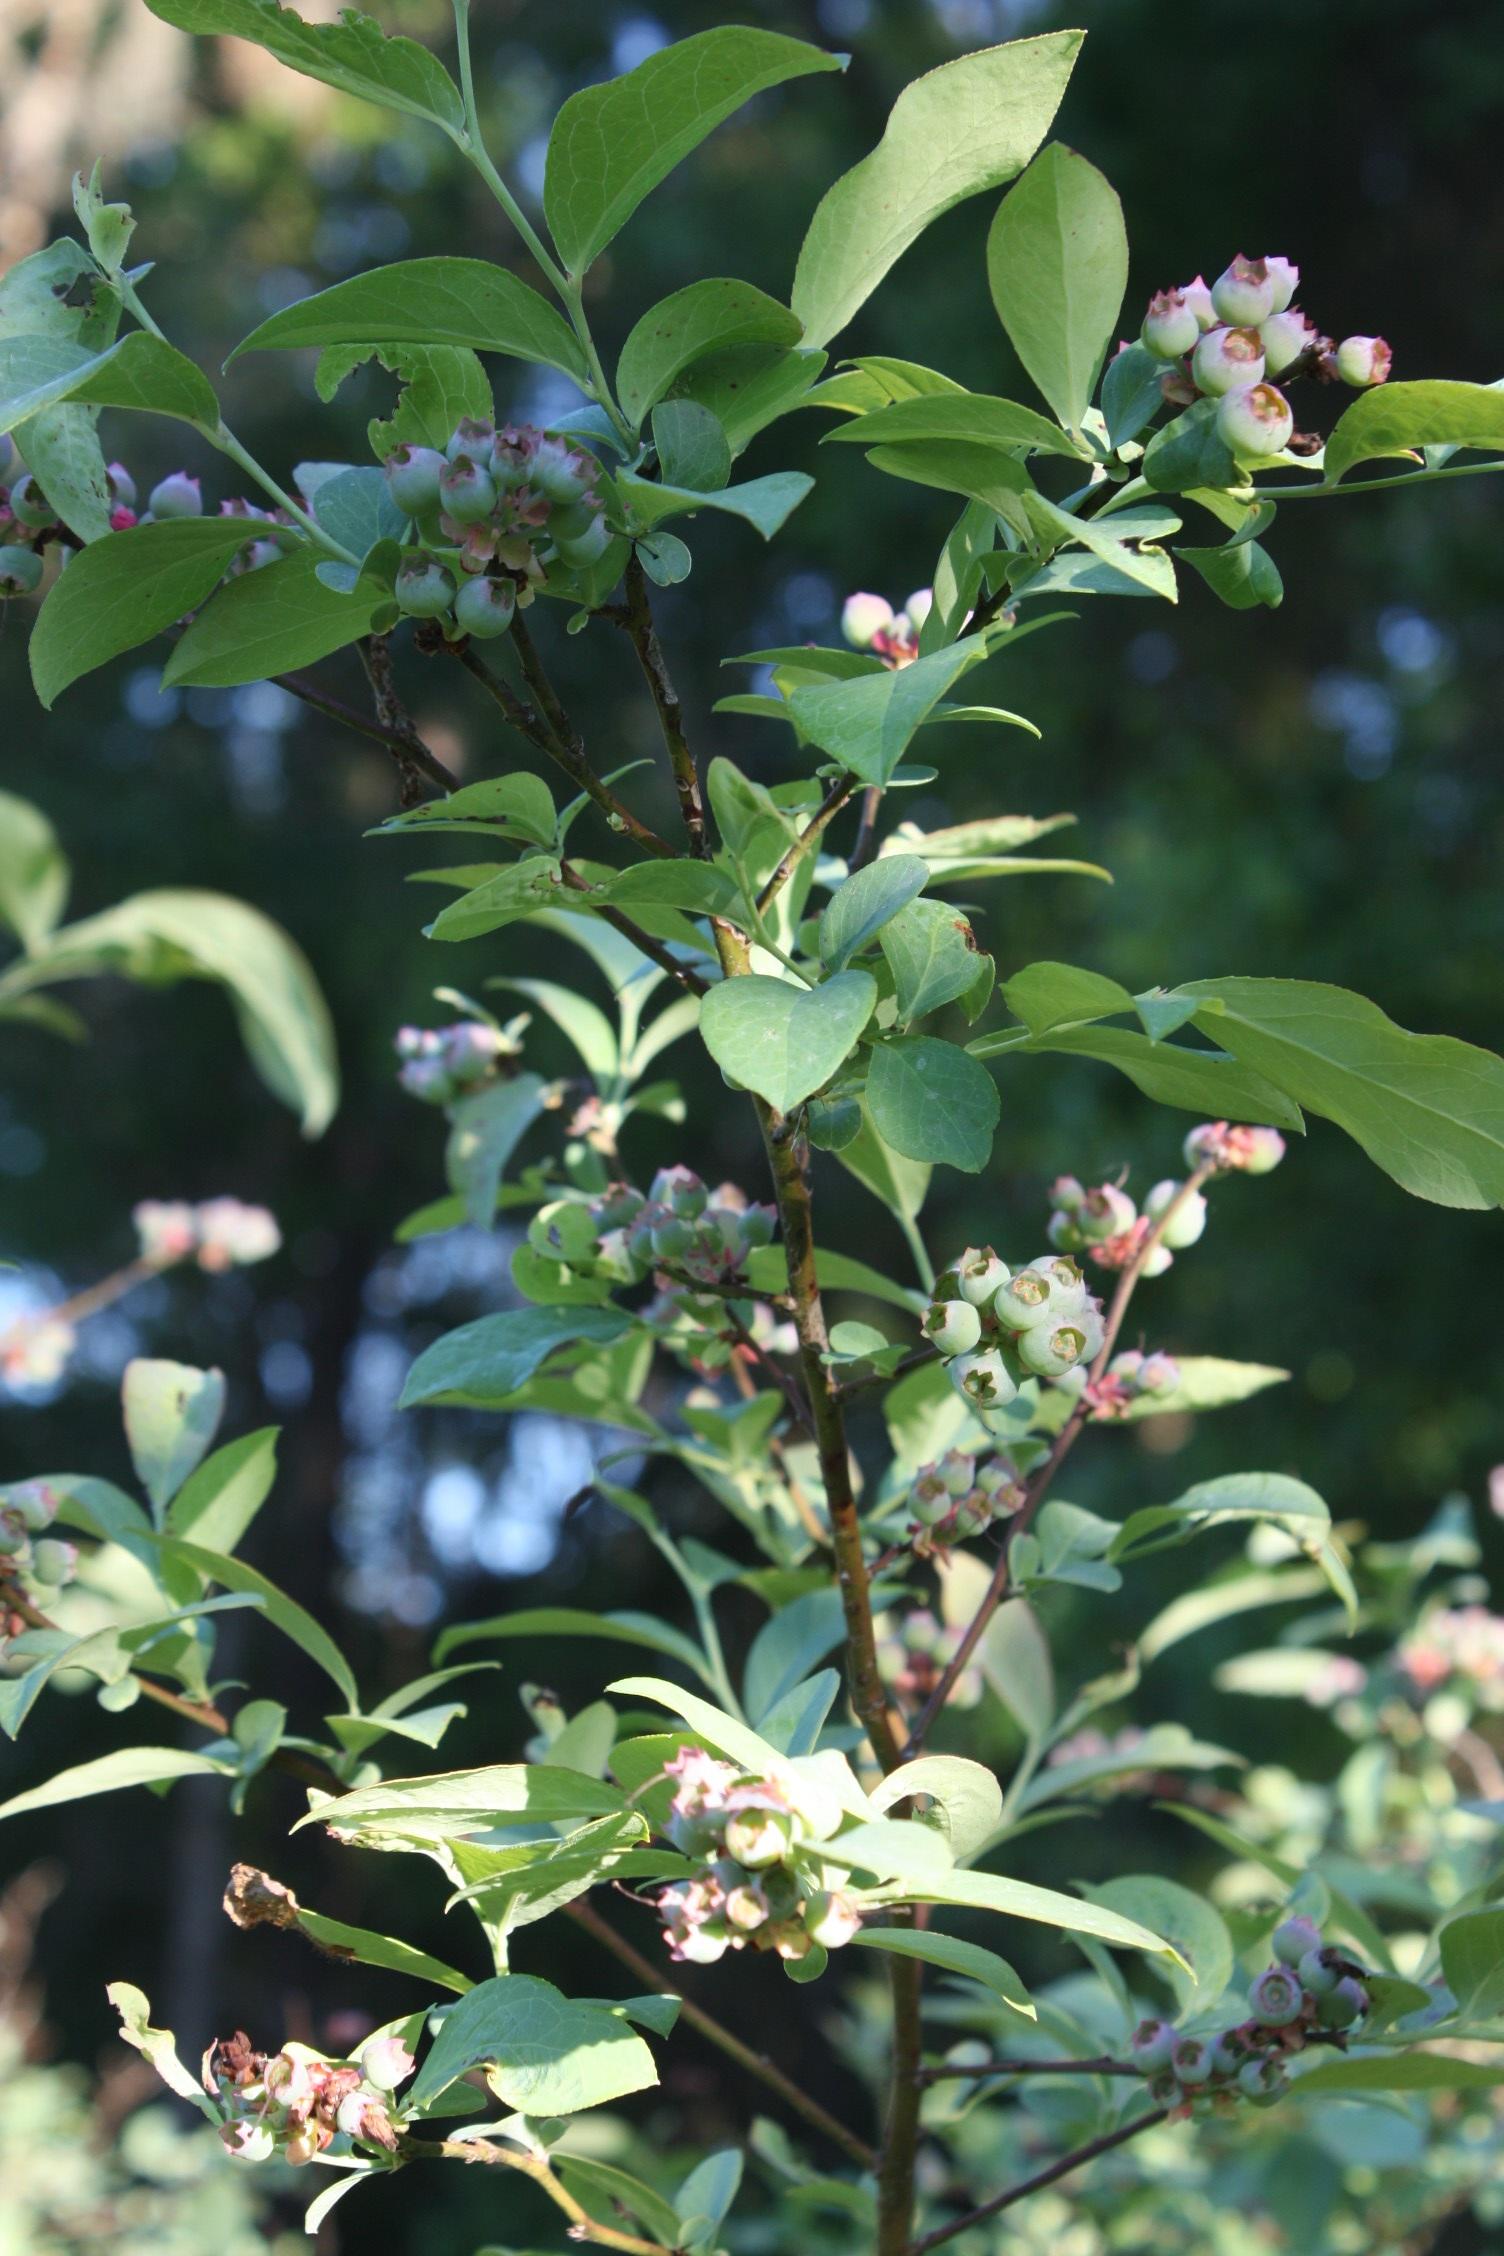 Kostenlose foto Baum Frucht Blume Lebensmittel produzieren